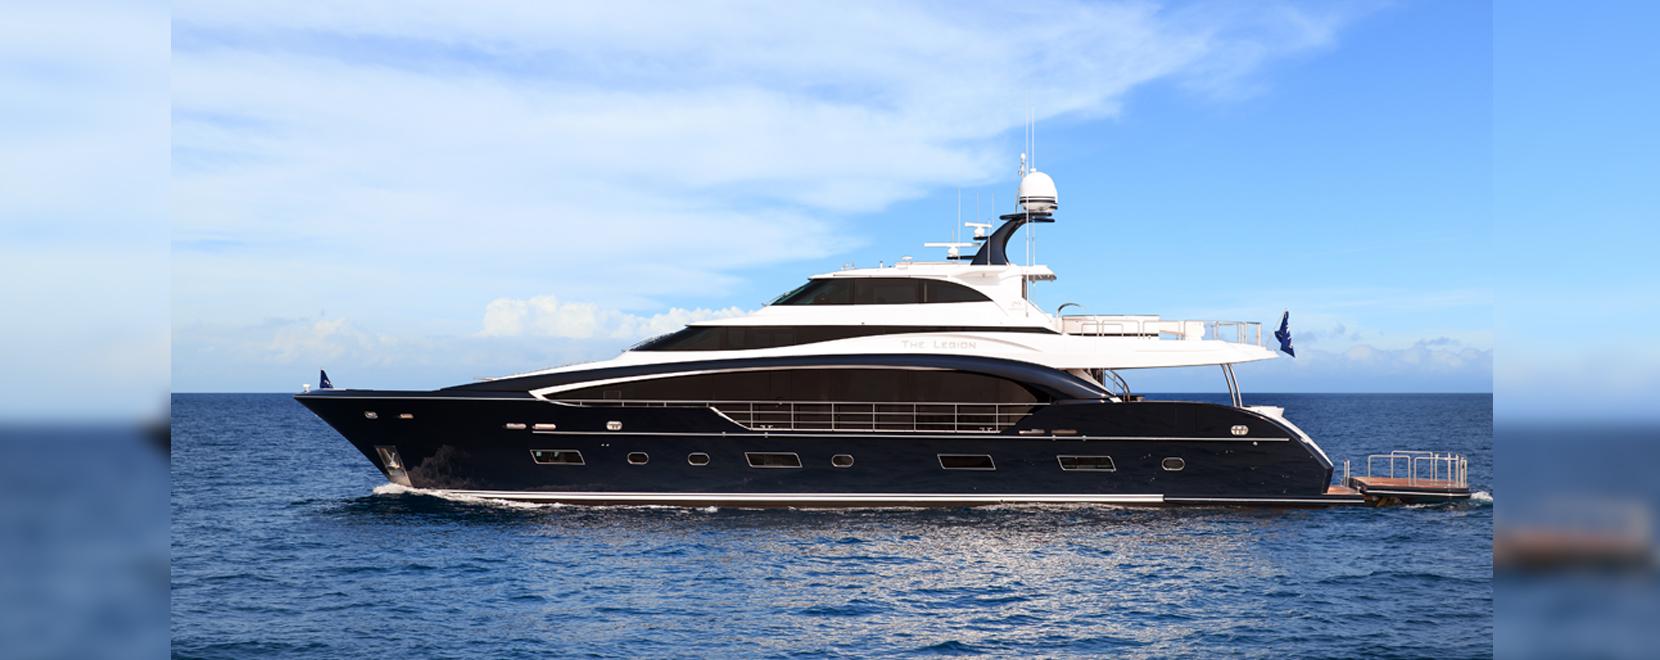 Horizon Yachts's Bold Display At SCIBS 2019